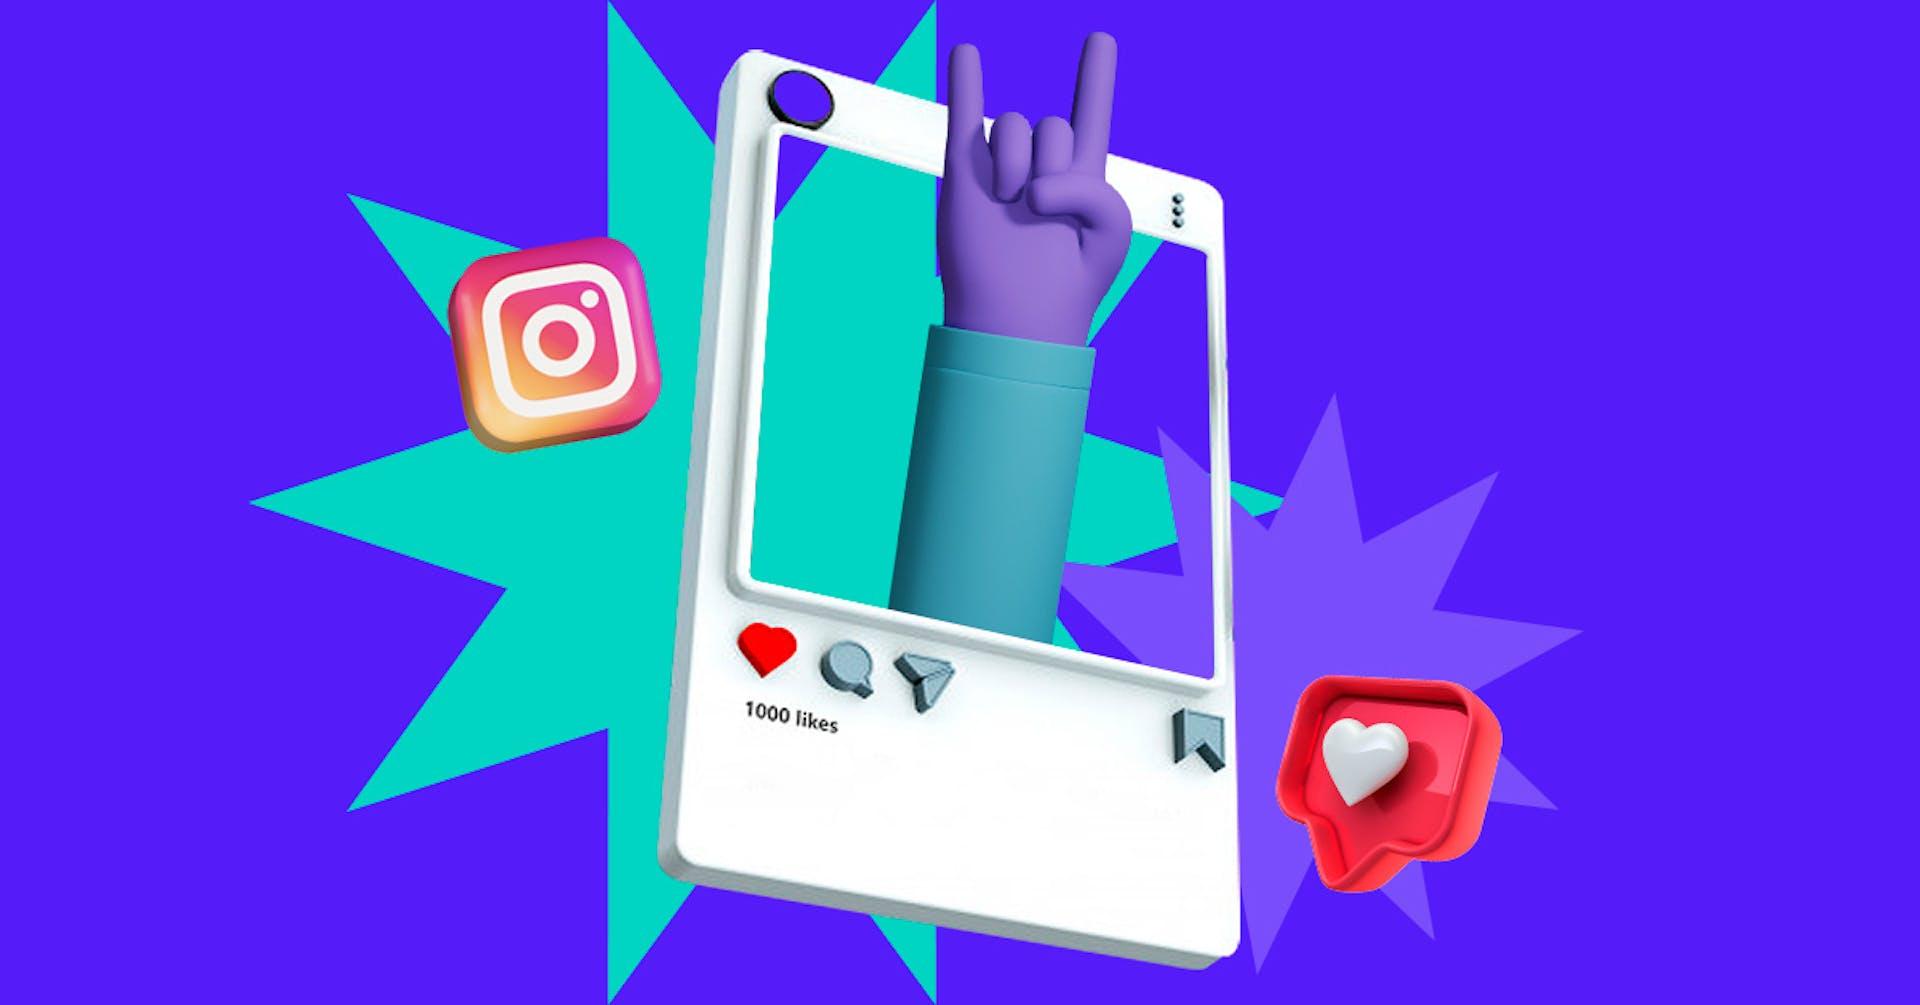 ¿Cómo usar Instagram? Conviértete en un pro con estos tips